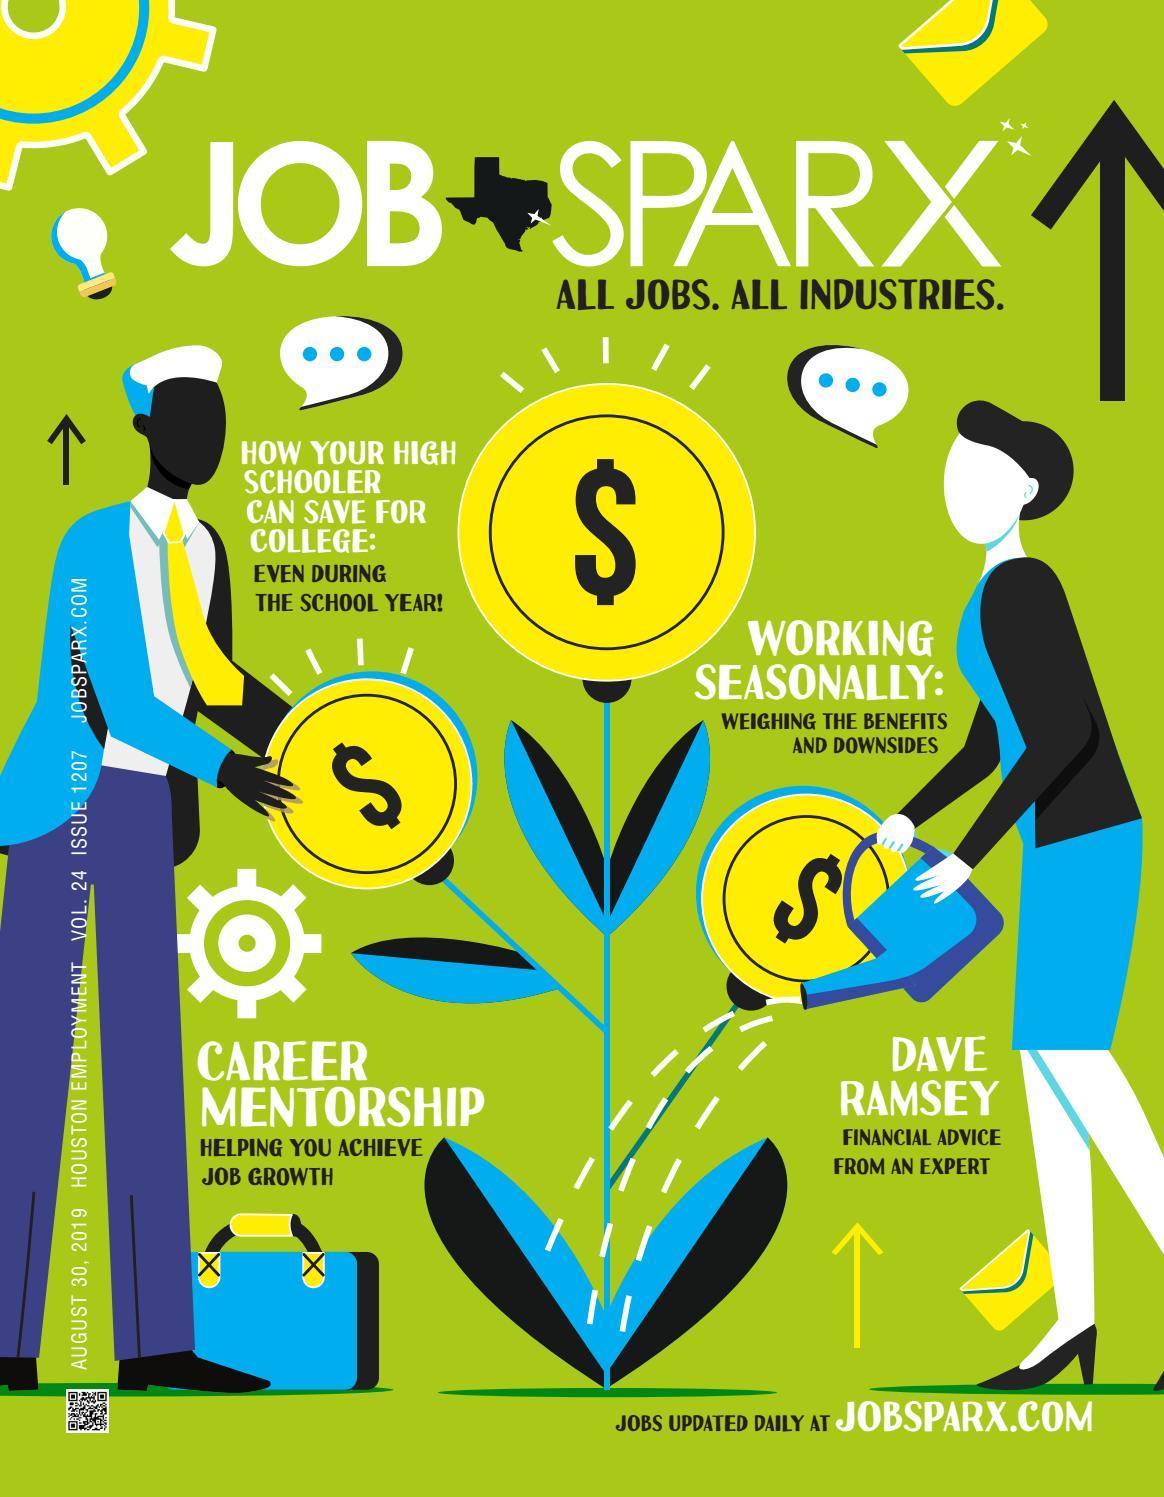 JobSparx Magazine - August 30, 2019 by JobSparx - issuu